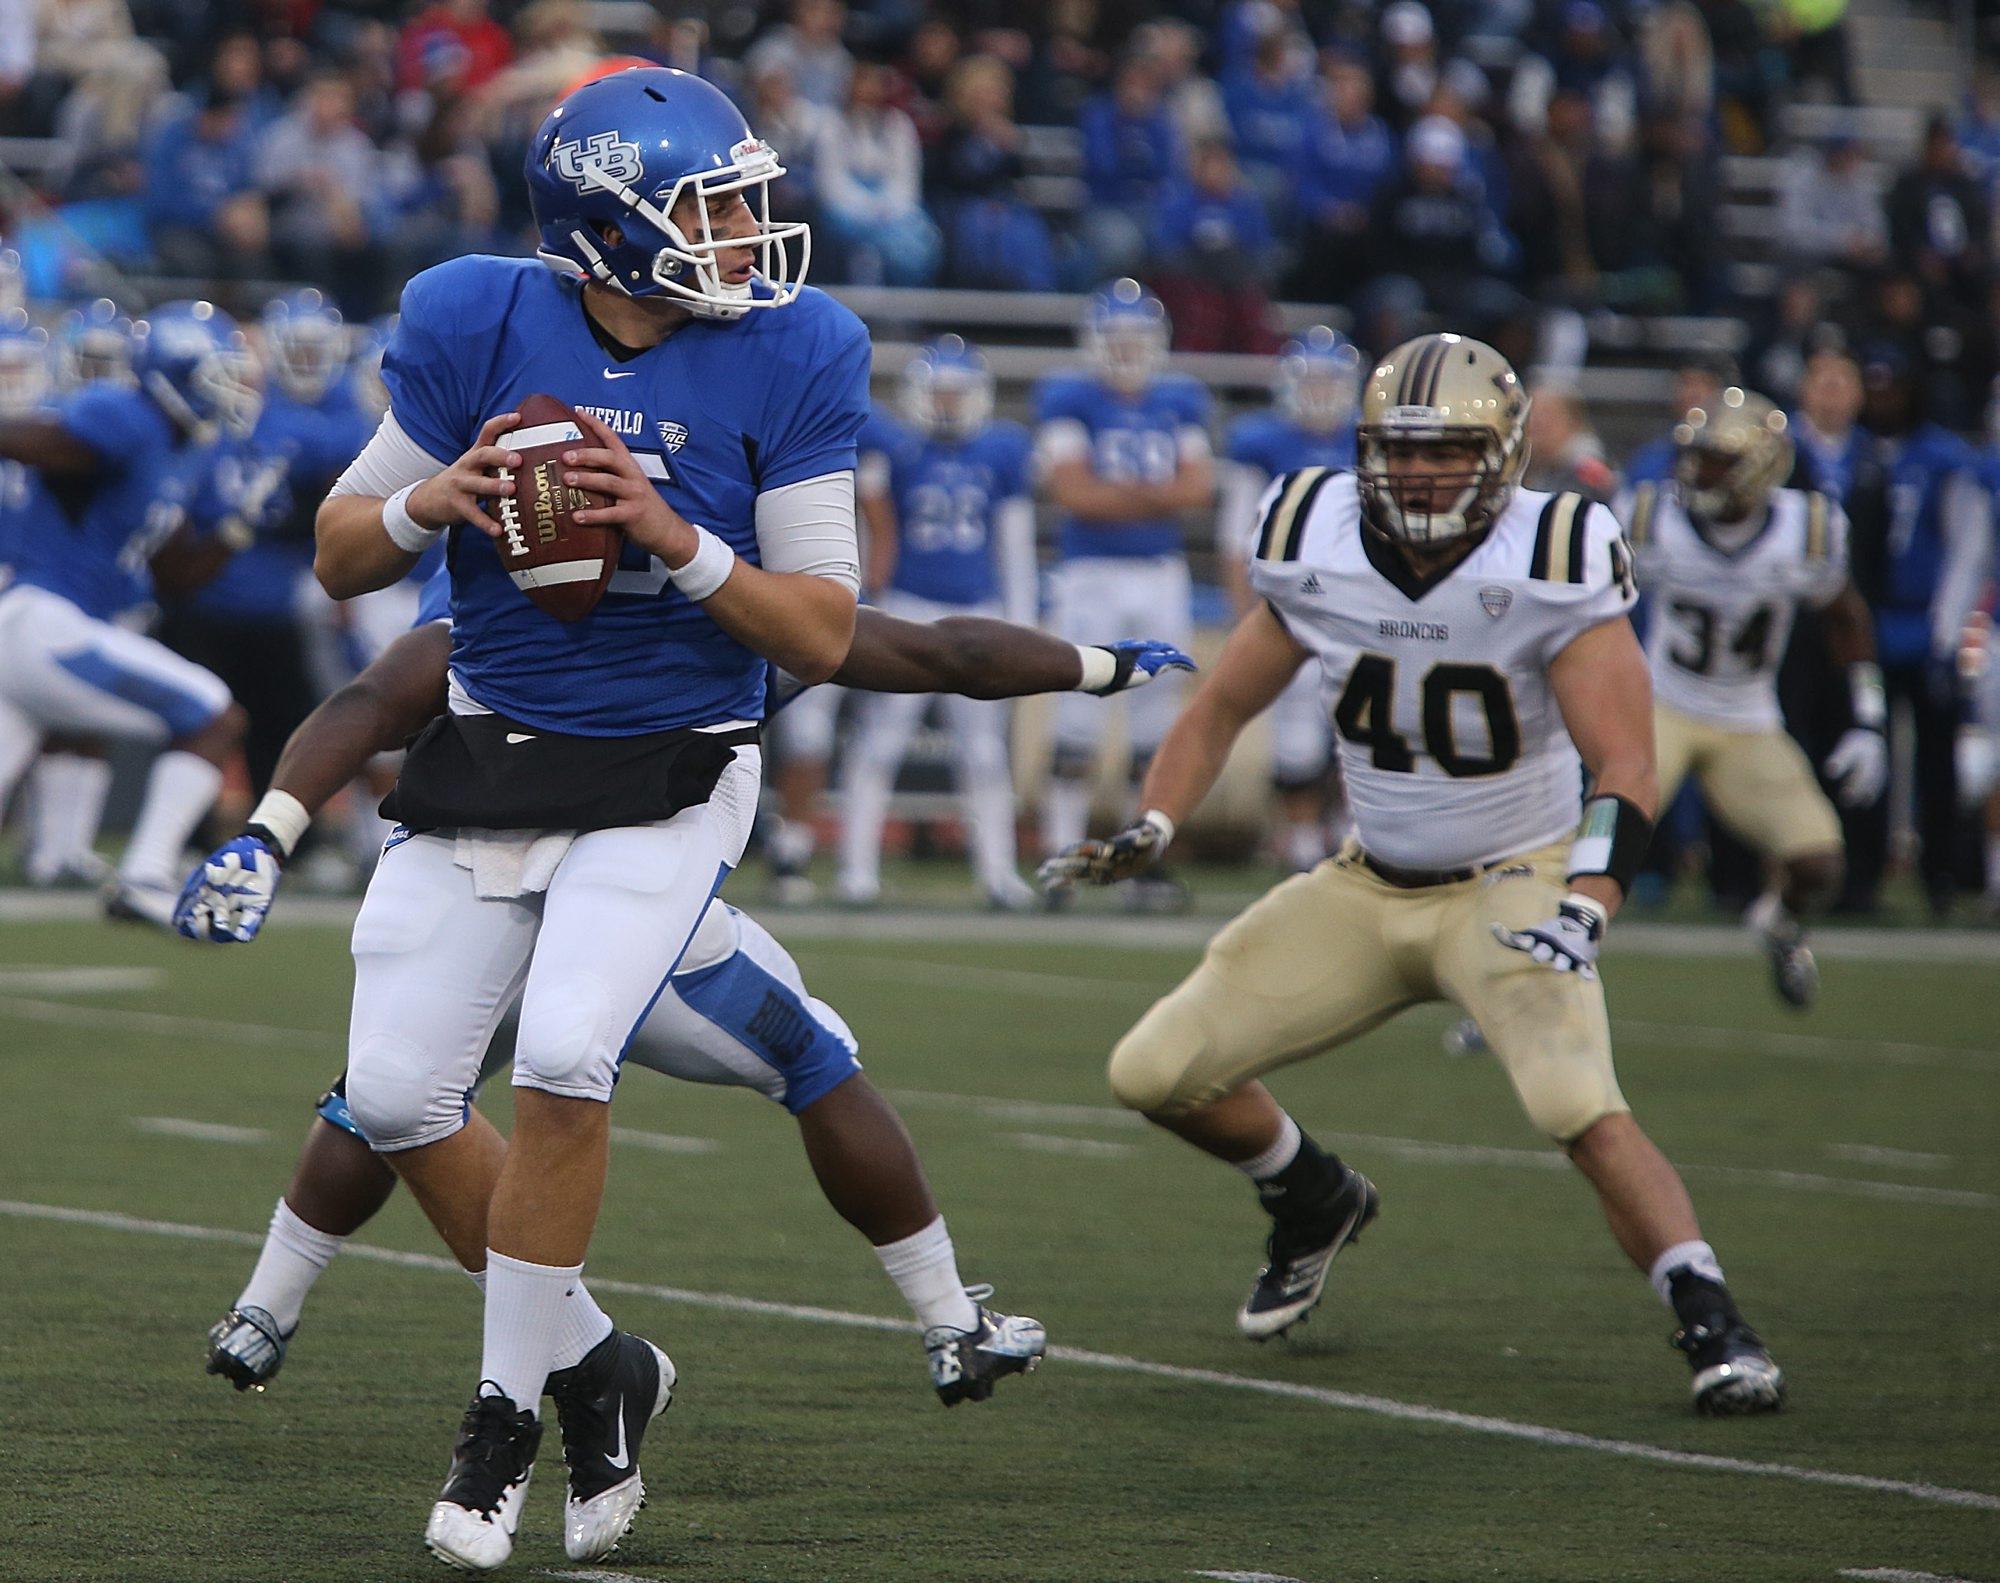 Redshirt freshman quarterback Joe Licata helped lead UB to three straight late-season wins.